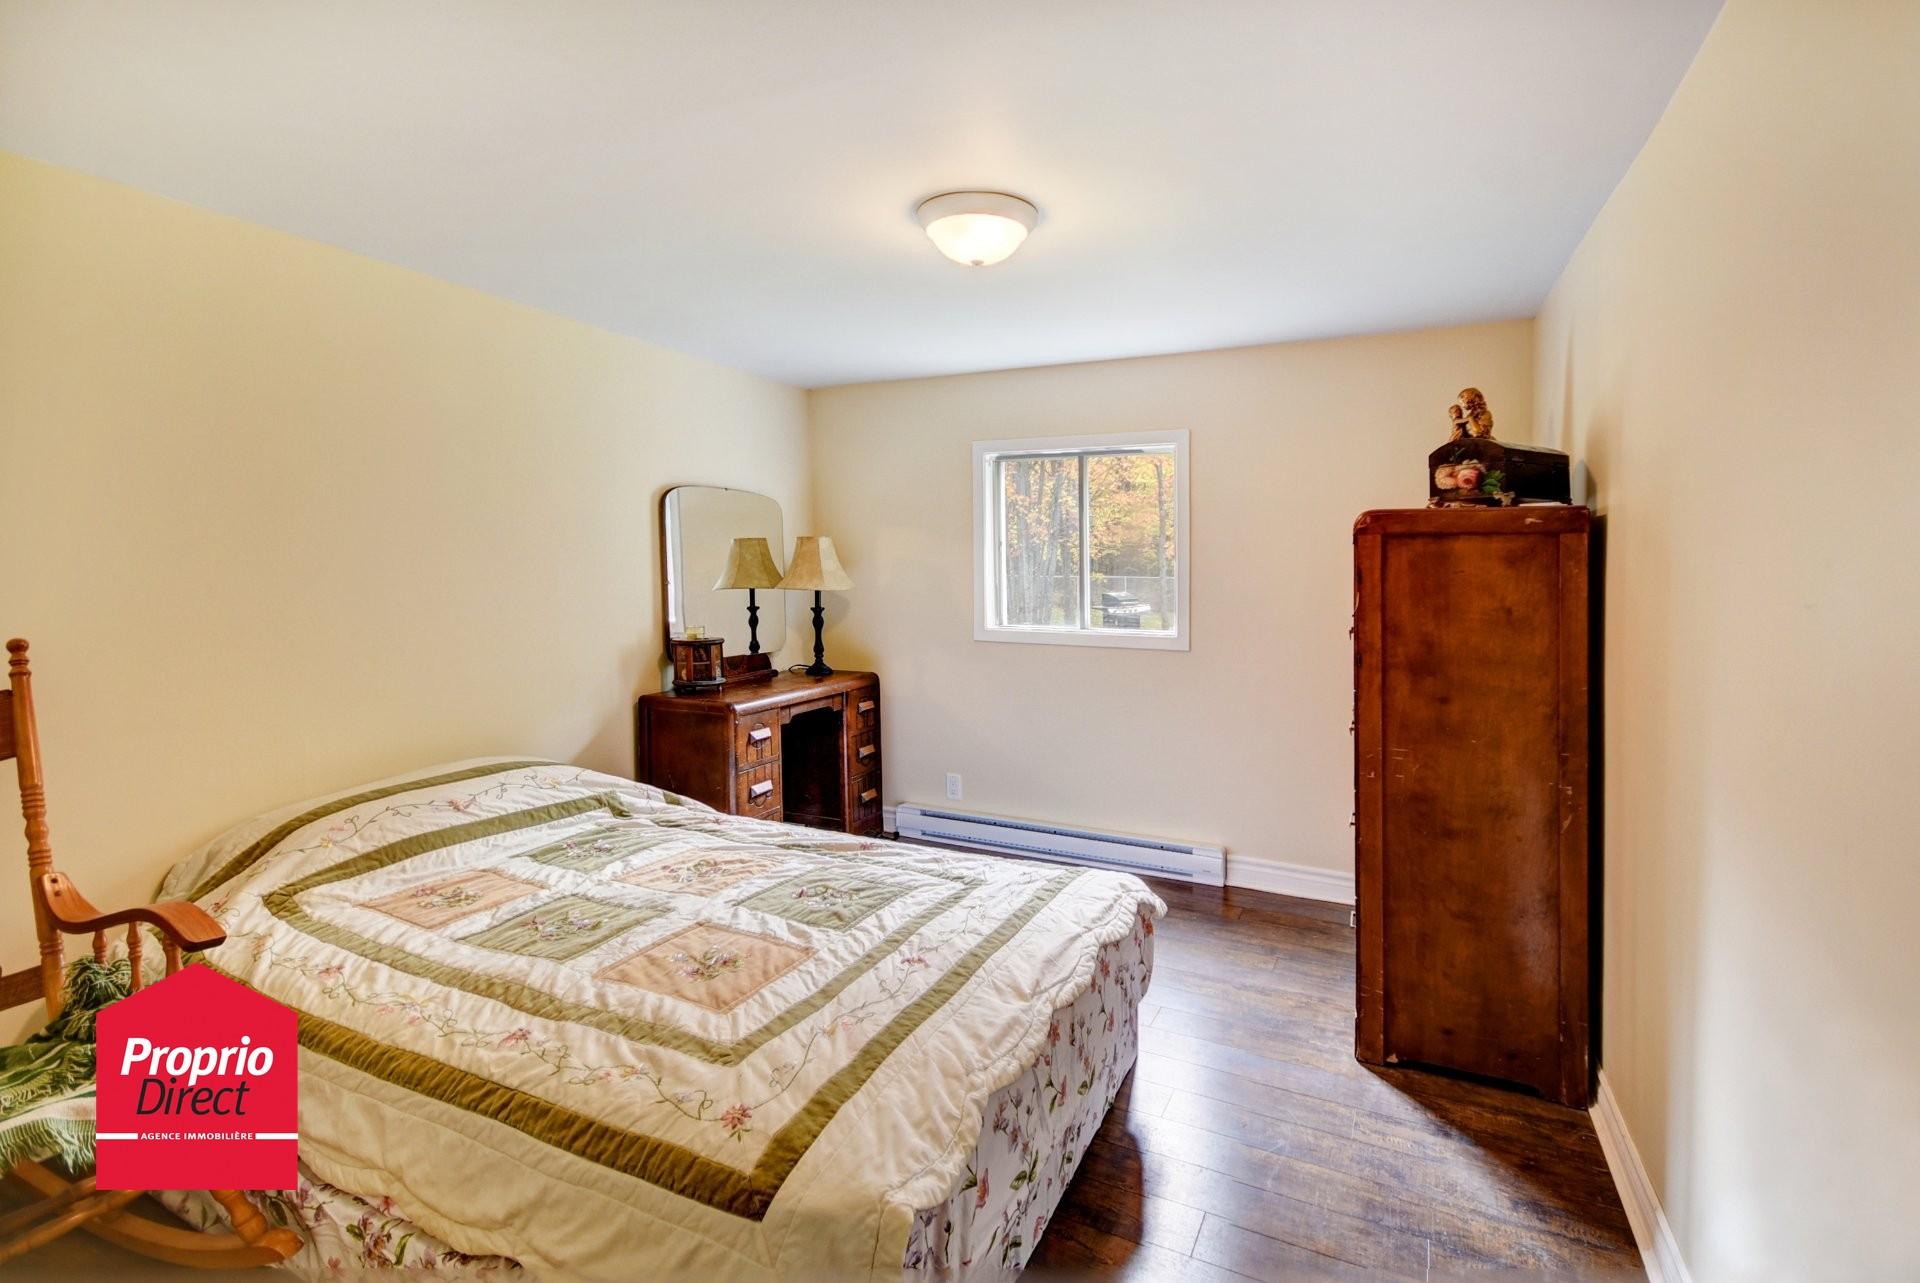 Maison de plain pied vendre 1998 rue papillon sainte - Acheter une chambre a coucher ...